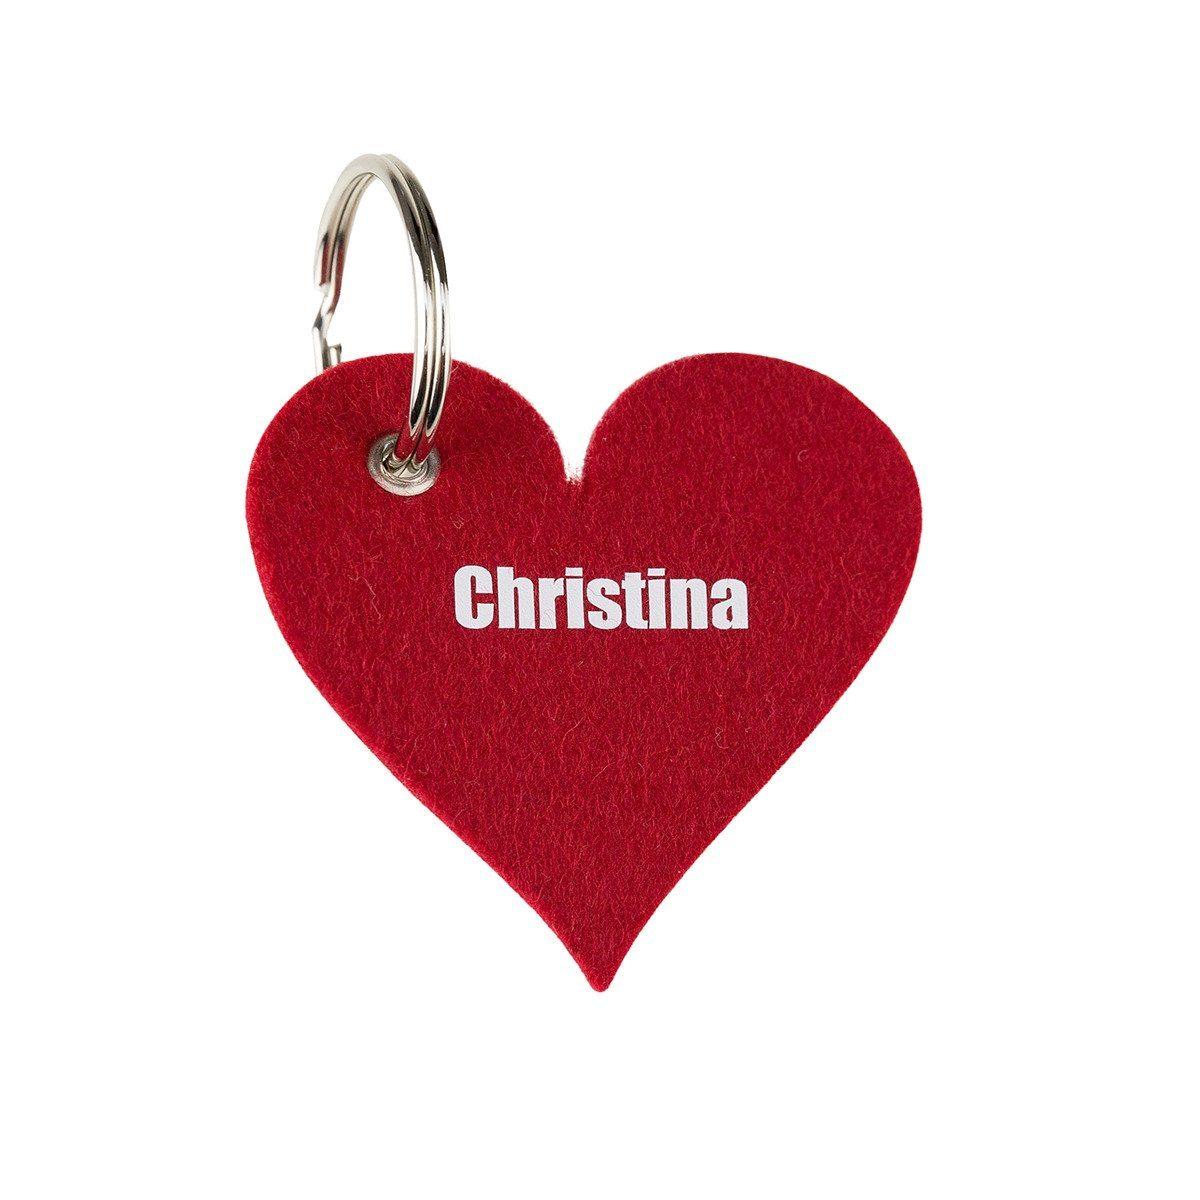 Hjerteformet filtnøglering med navn